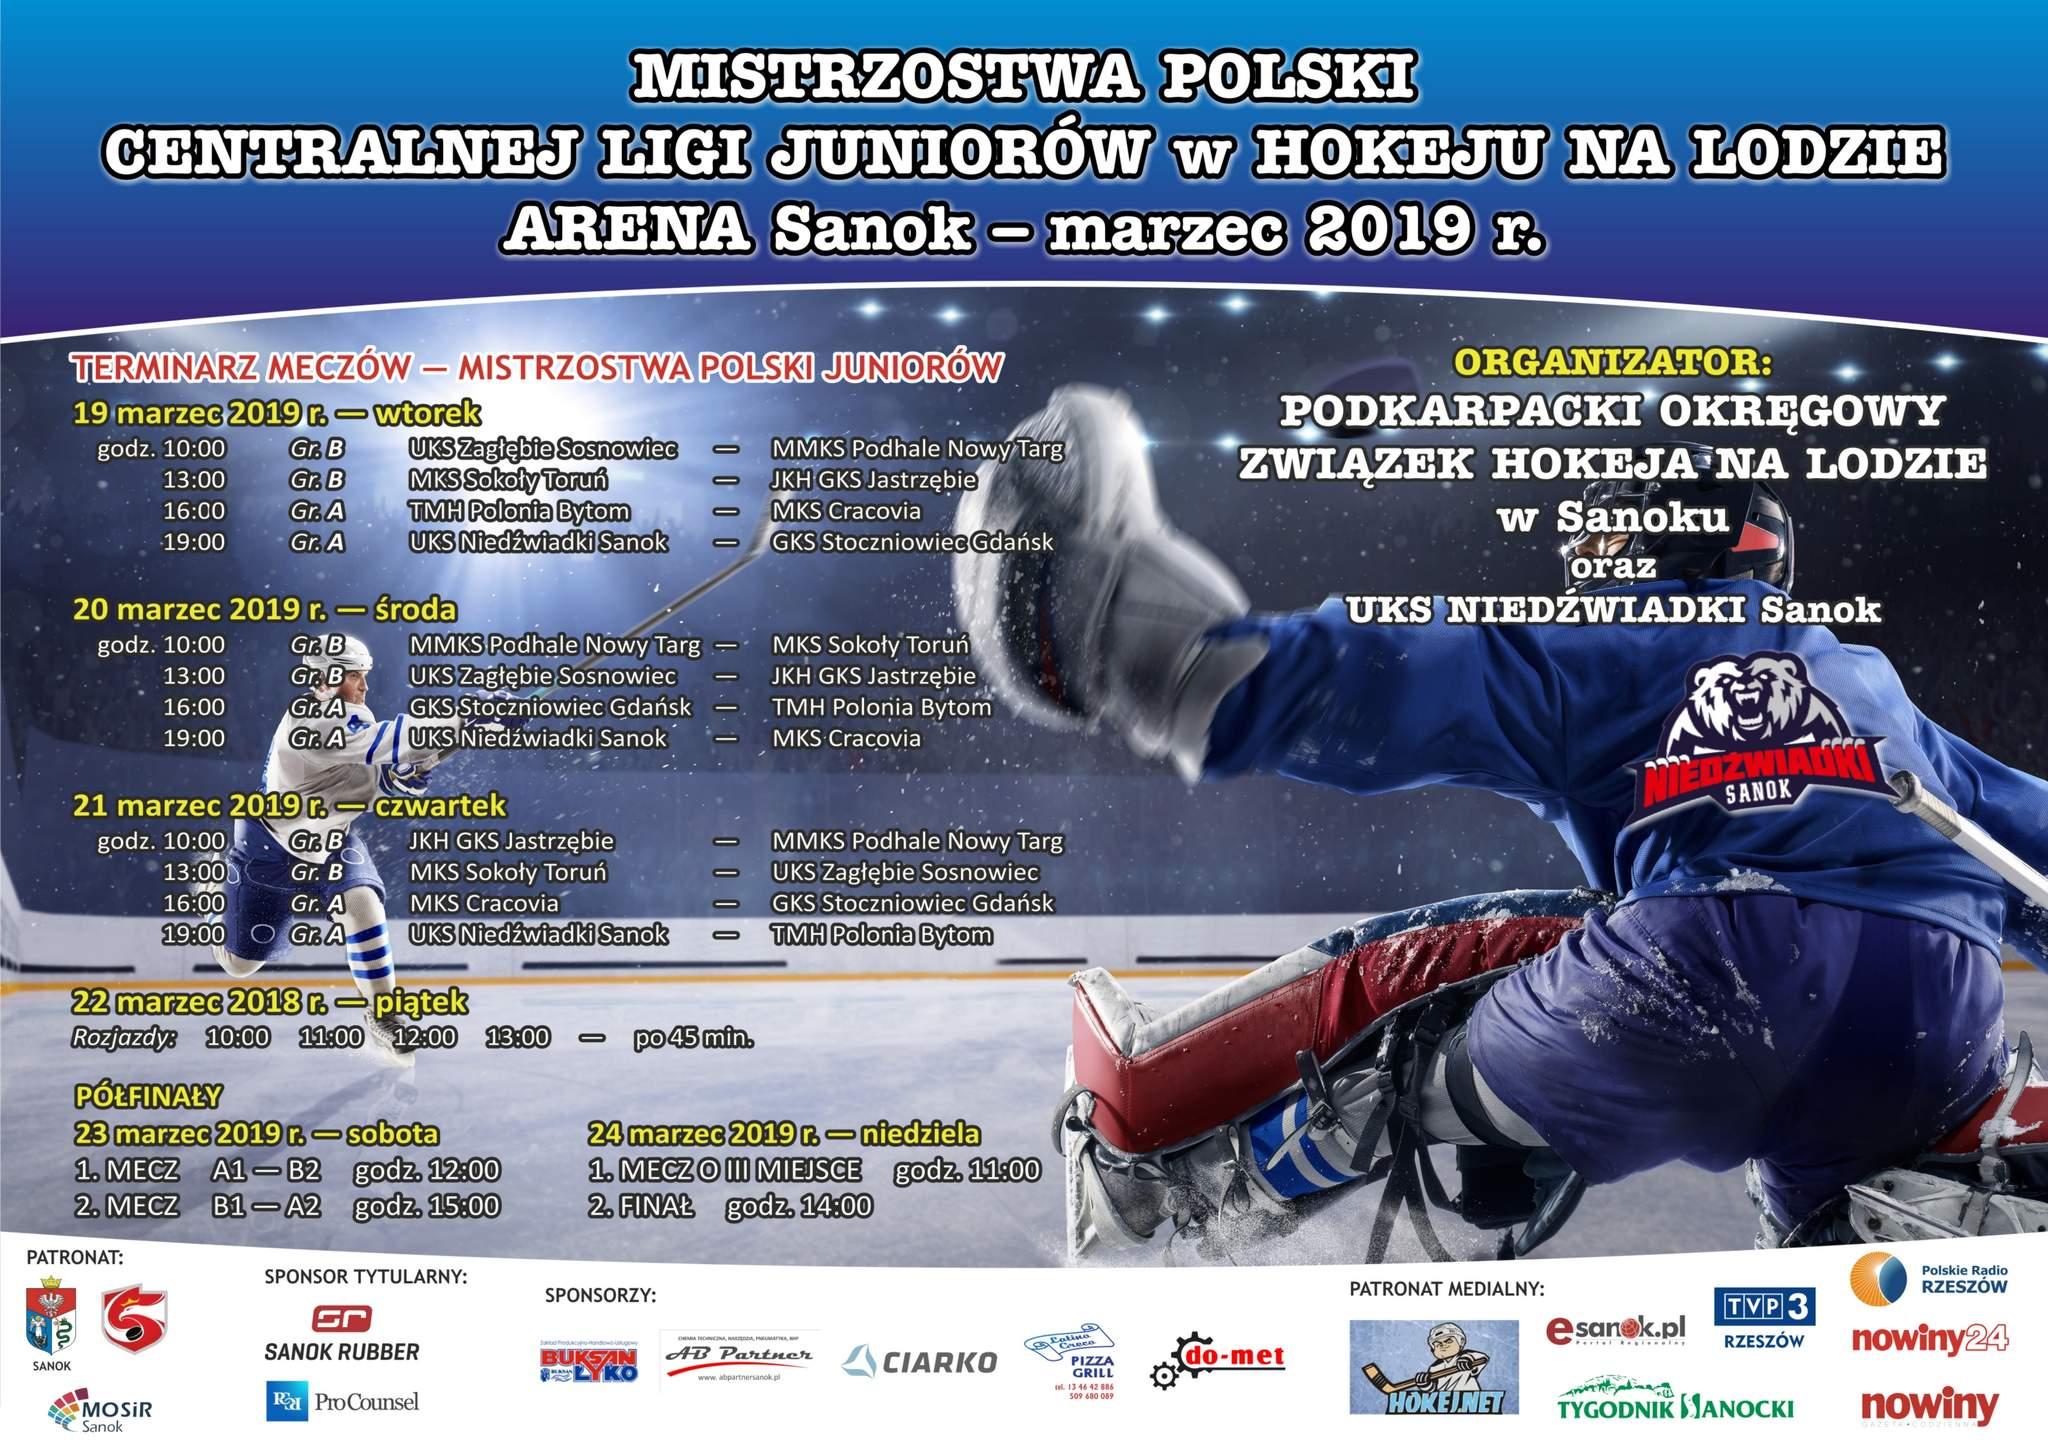 Mistrzostwa Hokej 2019 - Bieg charytatywny na rzecz Podkarpackiego Hospicjum dla Dzieci